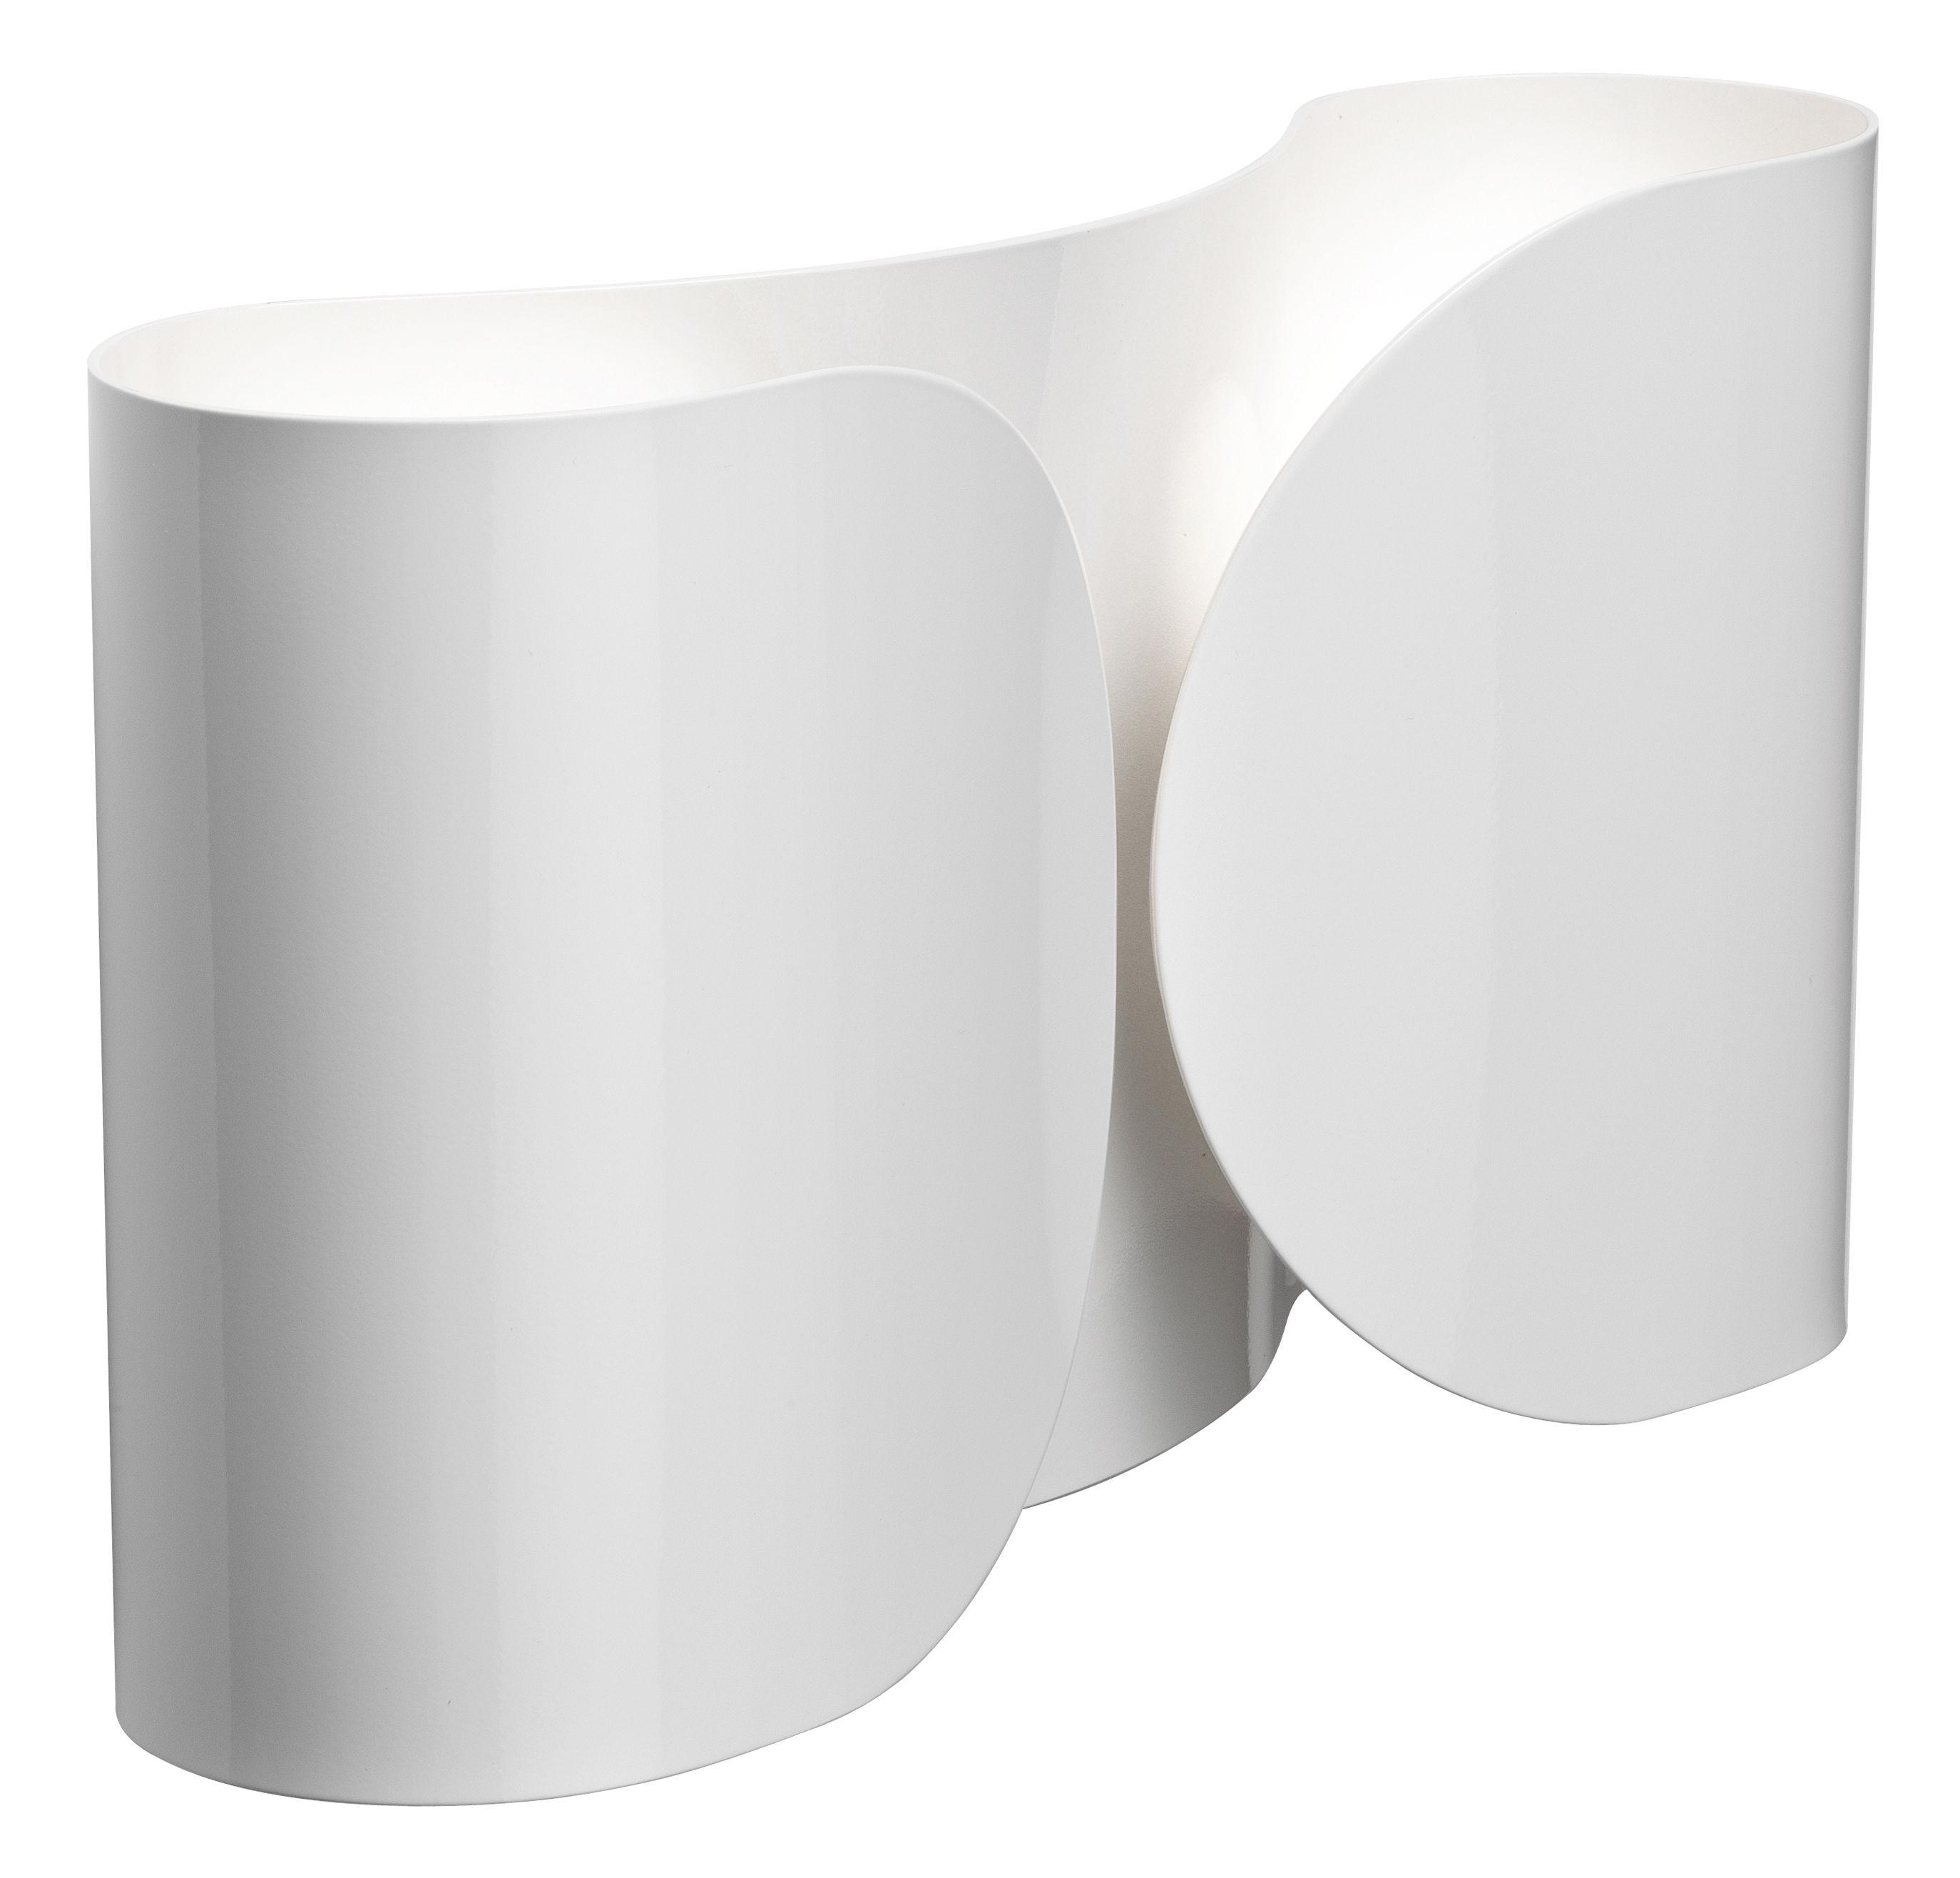 Luminaire - Appliques - Applique Foglio - Flos - Blanc - Acier